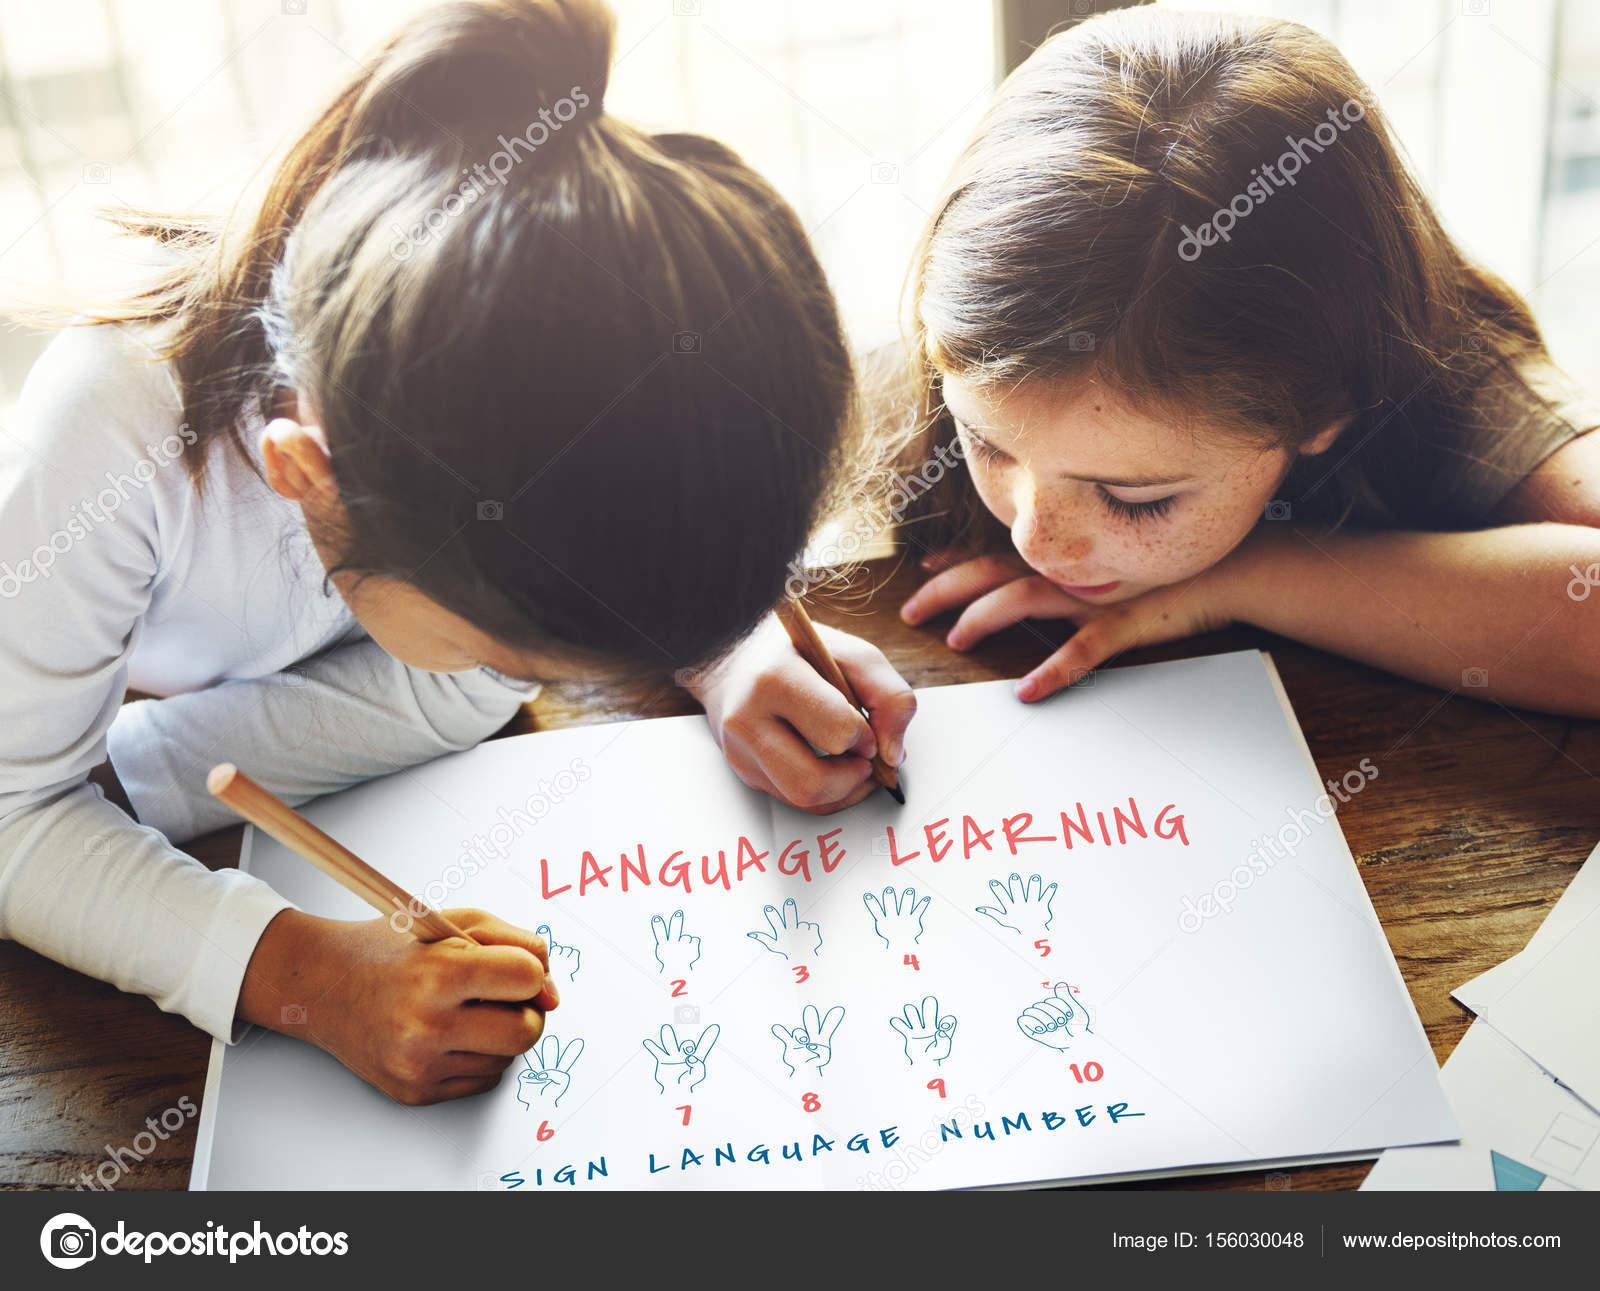 chicas dibujo en instrucciones de lenguaje de señas — Foto de stock ...